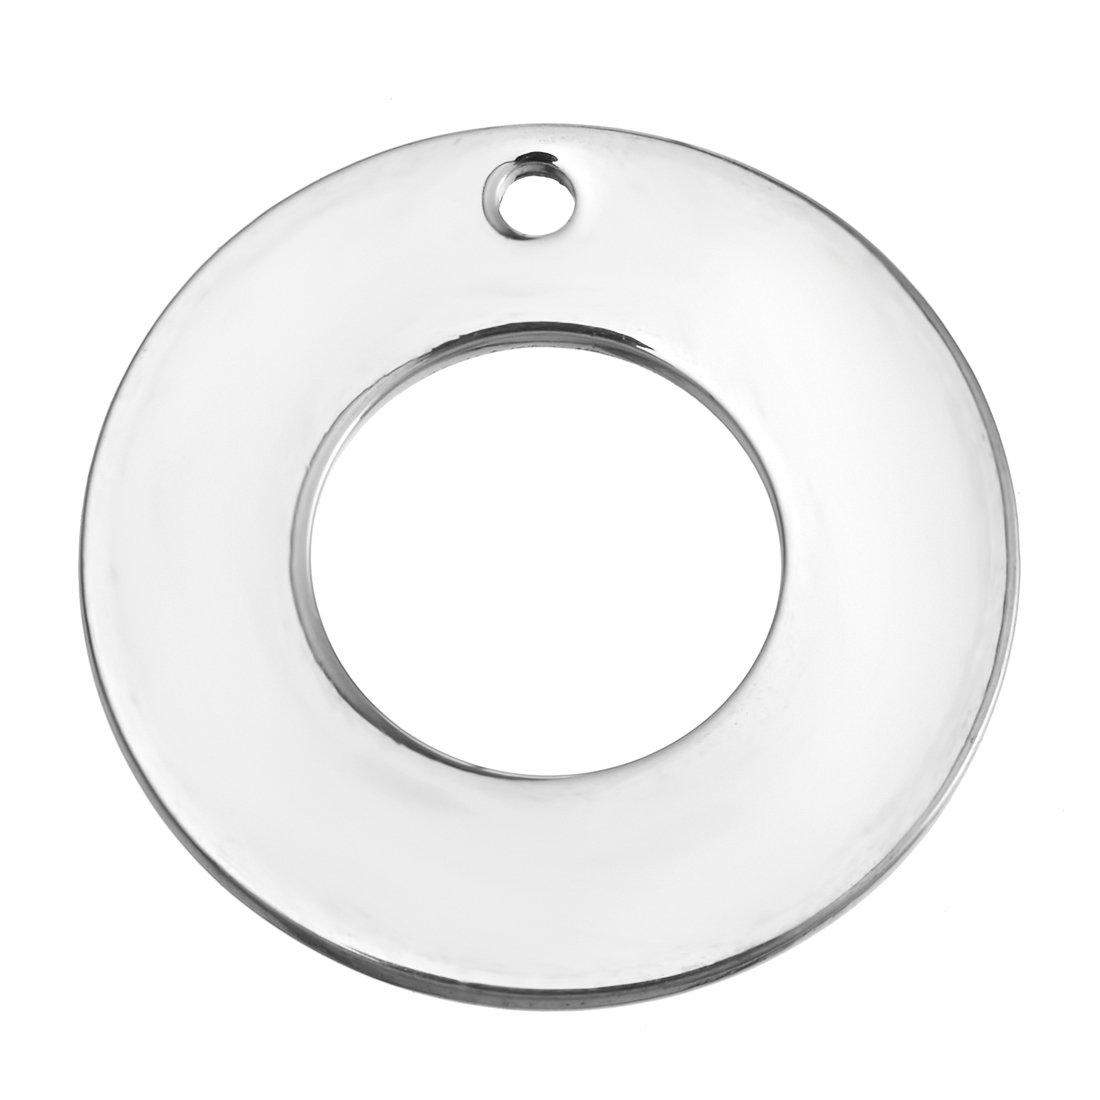 Souarts Lot de 20pcs Pendentifs Breloques Forme Cercle Acier Inoxydable Couleur Argent Mat 2cm